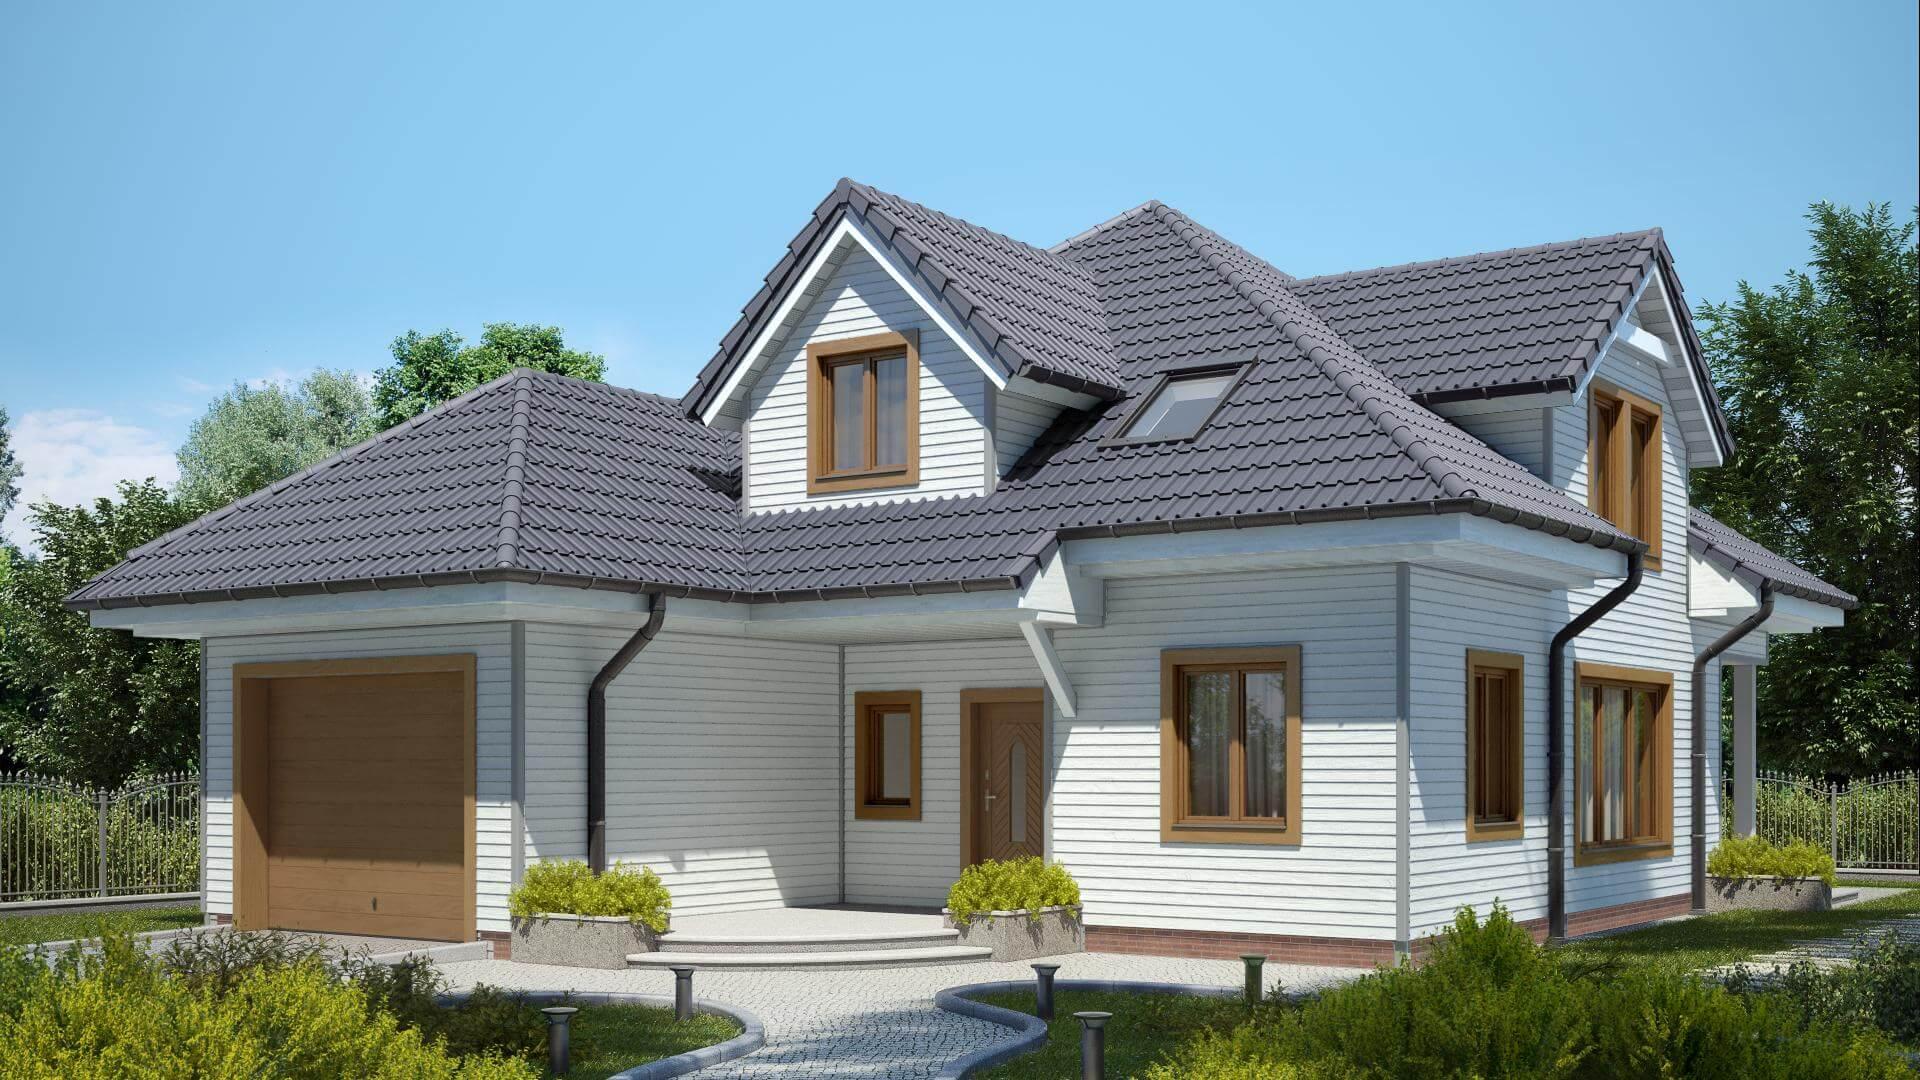 fassade grau wei jetzt auch ohne gerst unsere farbige fassade wir bauen mit avec fassade grau. Black Bedroom Furniture Sets. Home Design Ideas